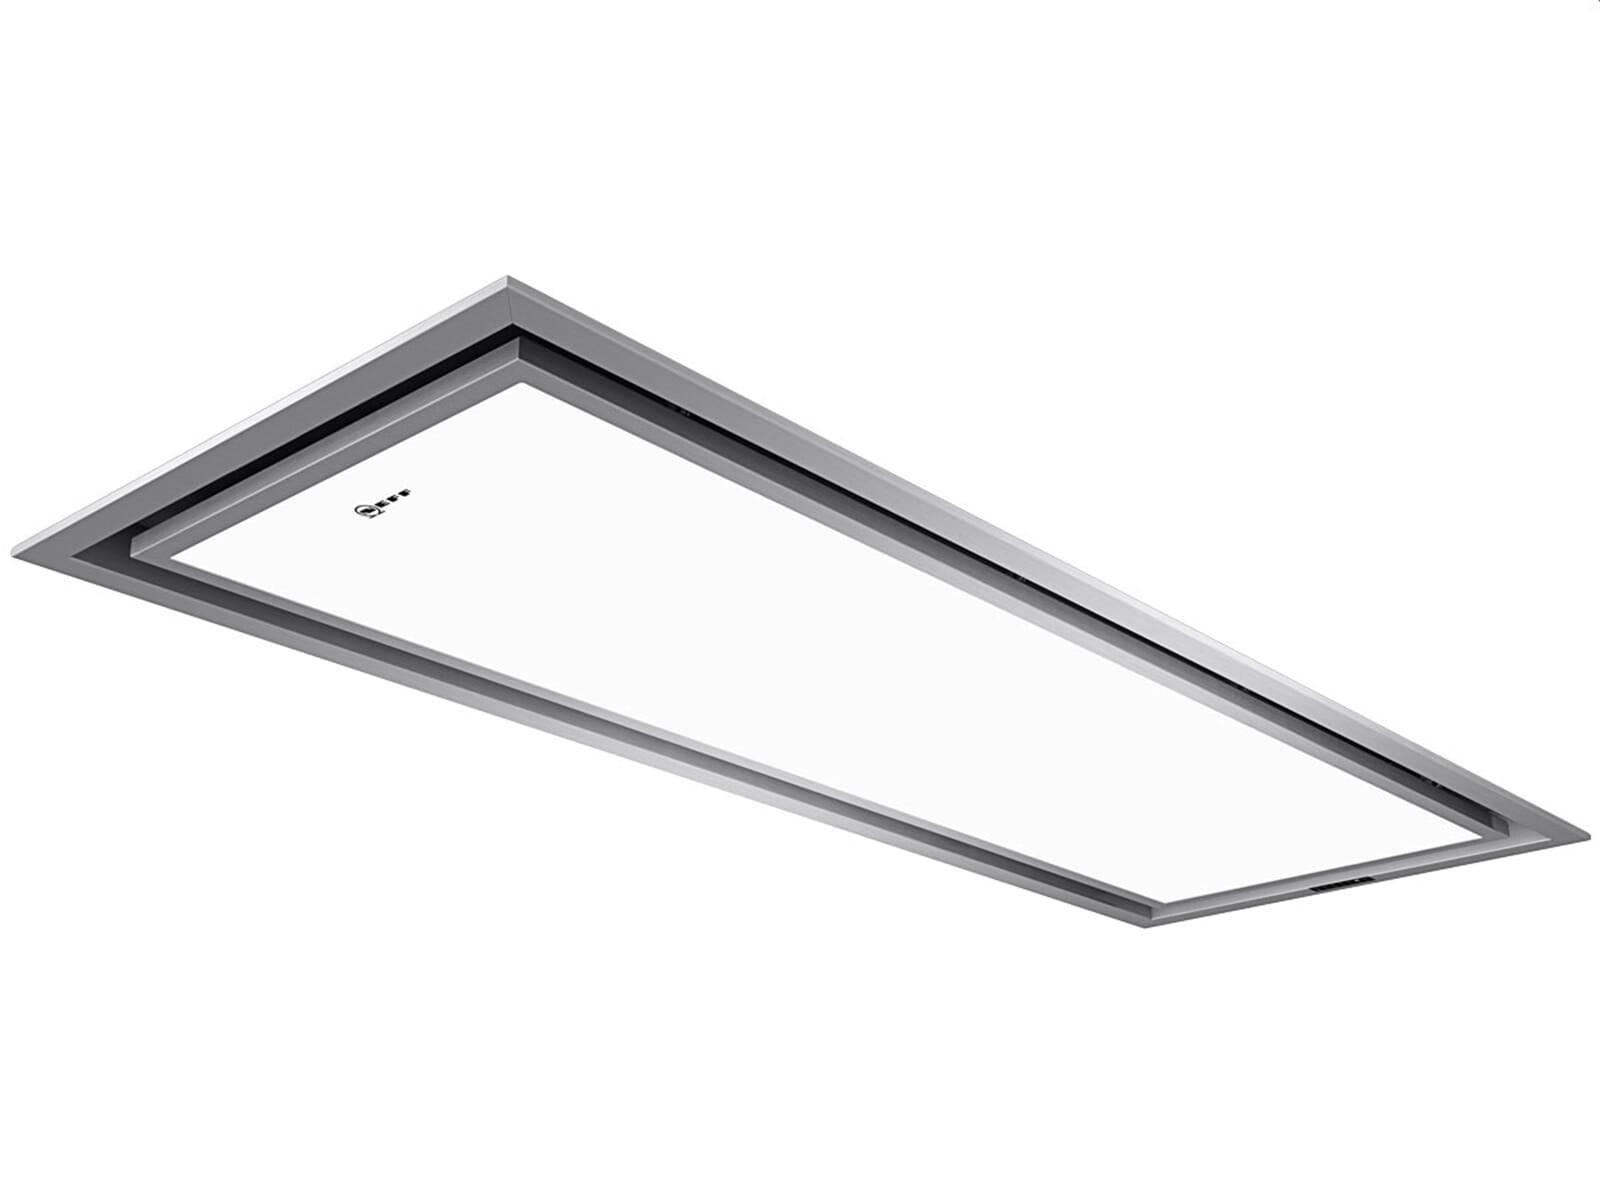 Küchen abzugshauben ersatzteile filter dunstabzugshaube elica